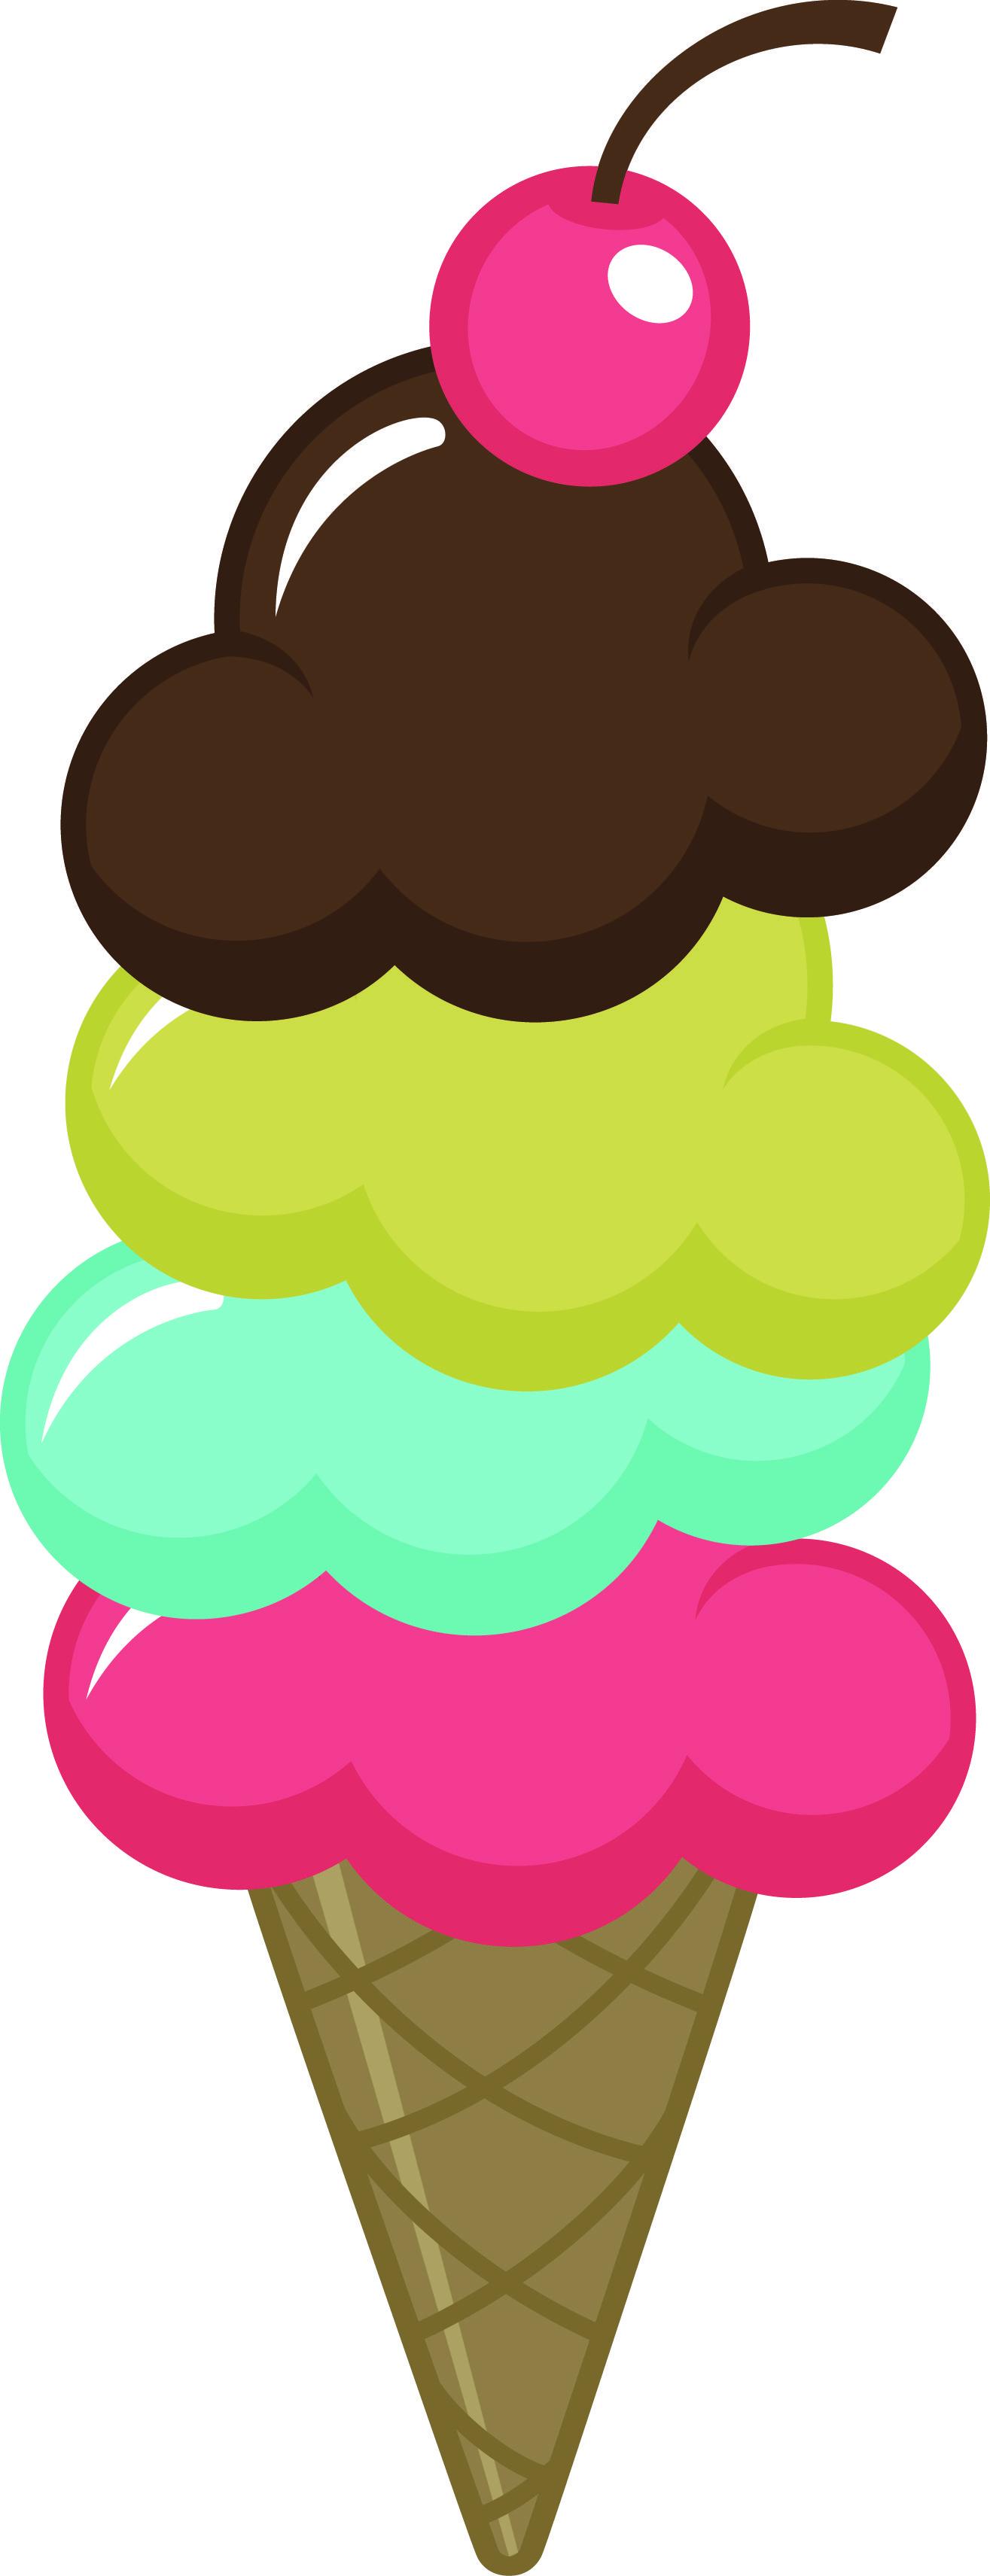 1315x3423 Nice Ideas Ice Clipart Vanilla Cream Cone Clip Art